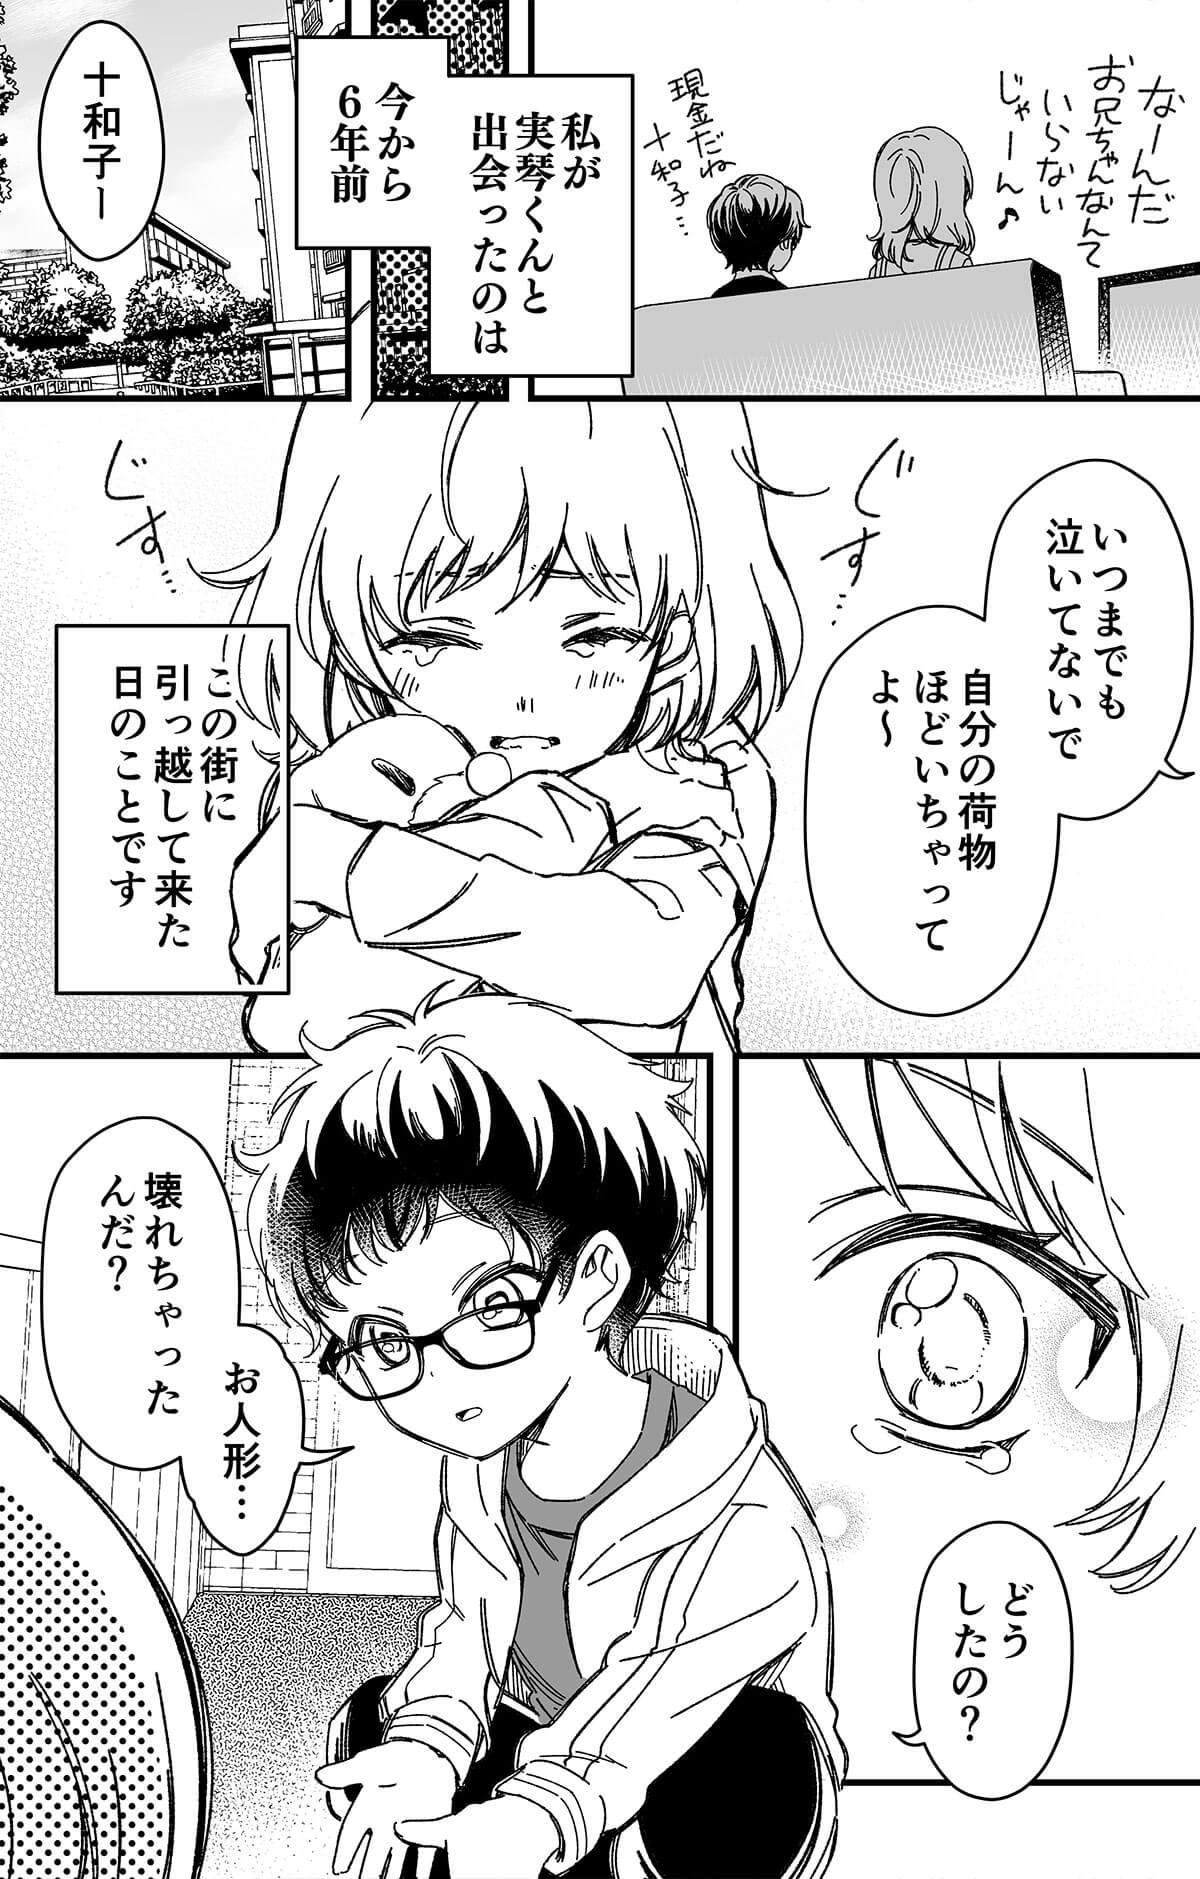 トナリのイケショタくん2-1